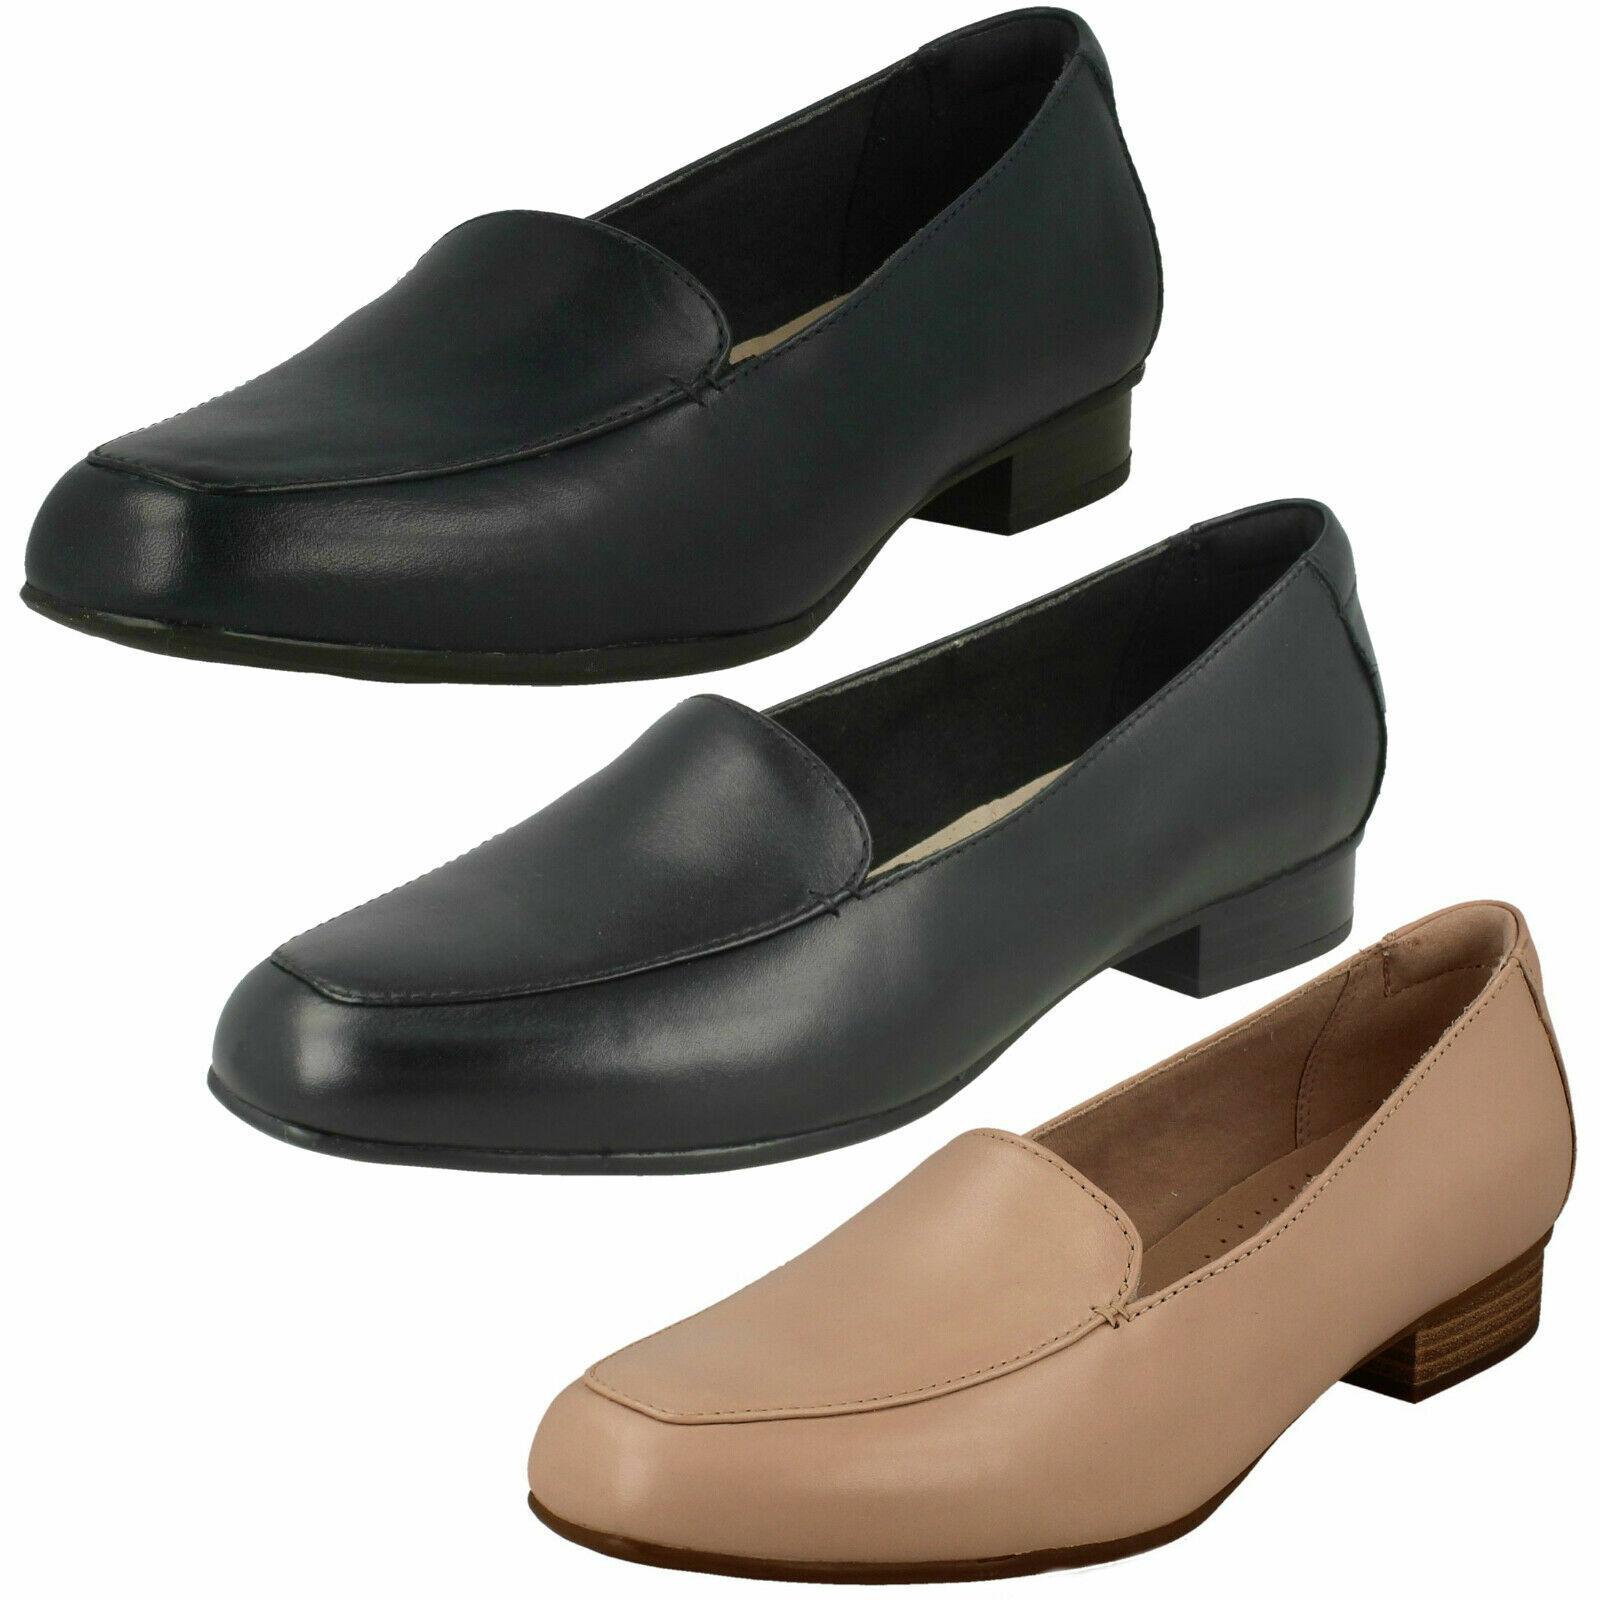 Femmes Clarks Juliet Lora Cuir Smart À Enfiler chaussures E fitting